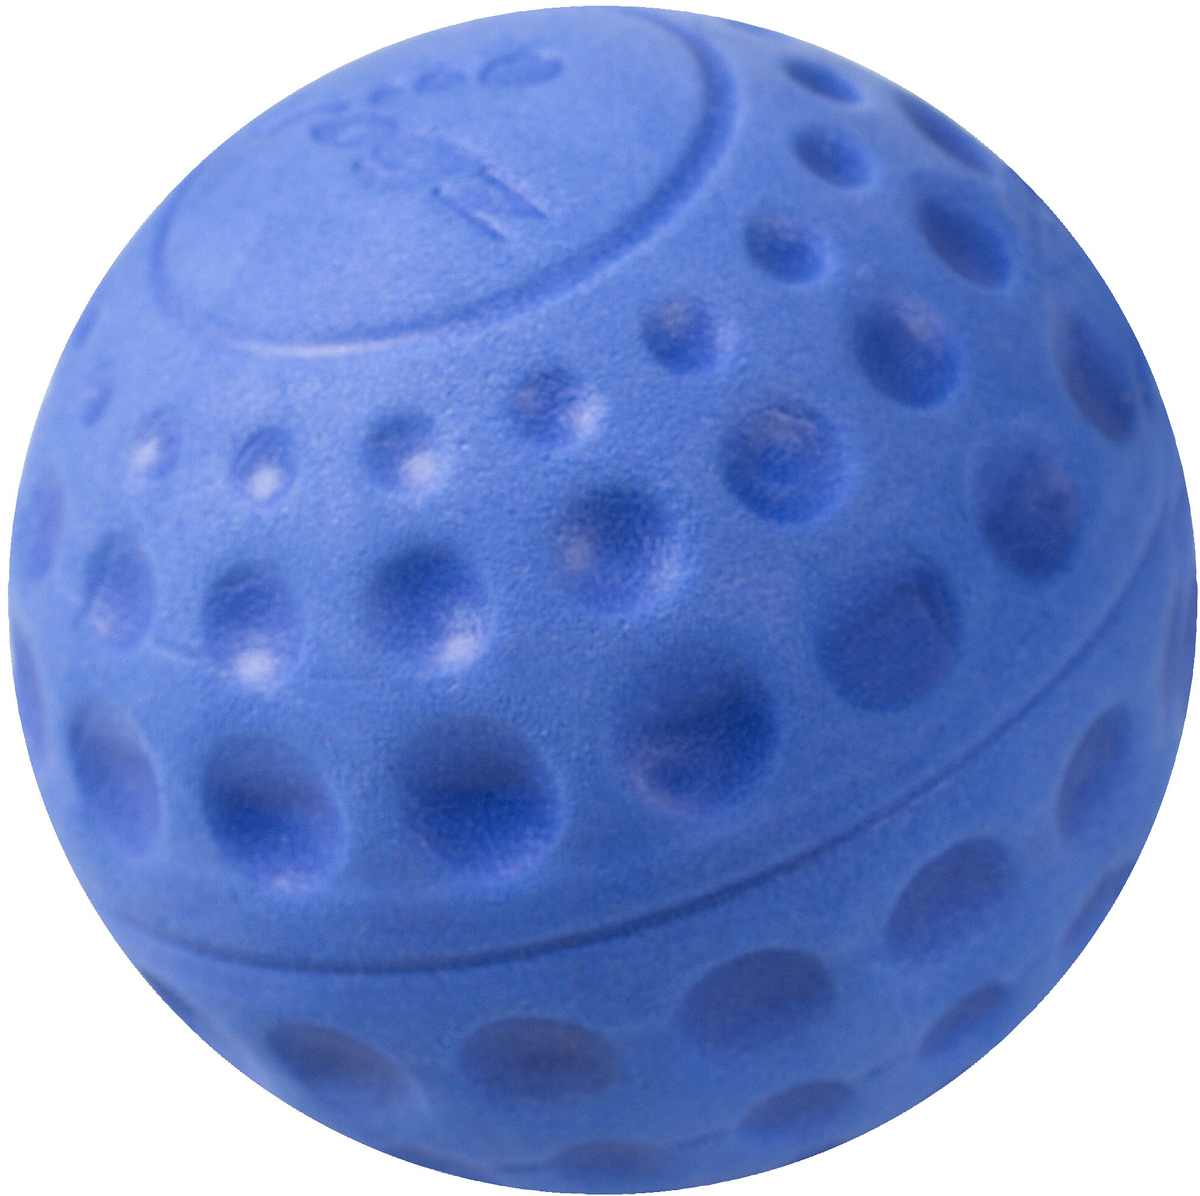 Игрушка для собак Rogz Asteroidz, цвет: синий, диаметр 6,4 смAS02BМяч для собак Rogz Asteroidz предназначен для игры с хозяином Принеси.Мяч имеет небольшой вес, не травмирует десны, не повреждает зубы, удобно носить в пасти.Отличная упругость для подпрыгивания.Изготовлено из особого термоэластопласта Sebs, обеспечивающего великолепную плавучесть в воде, поэтому игрушка отлично подходит для игры в водоеме. Материал изделия: EVA (этиленвинилацетат) - легкий мелкопористый материал, похожий на застывшую пену.Не токсичен.